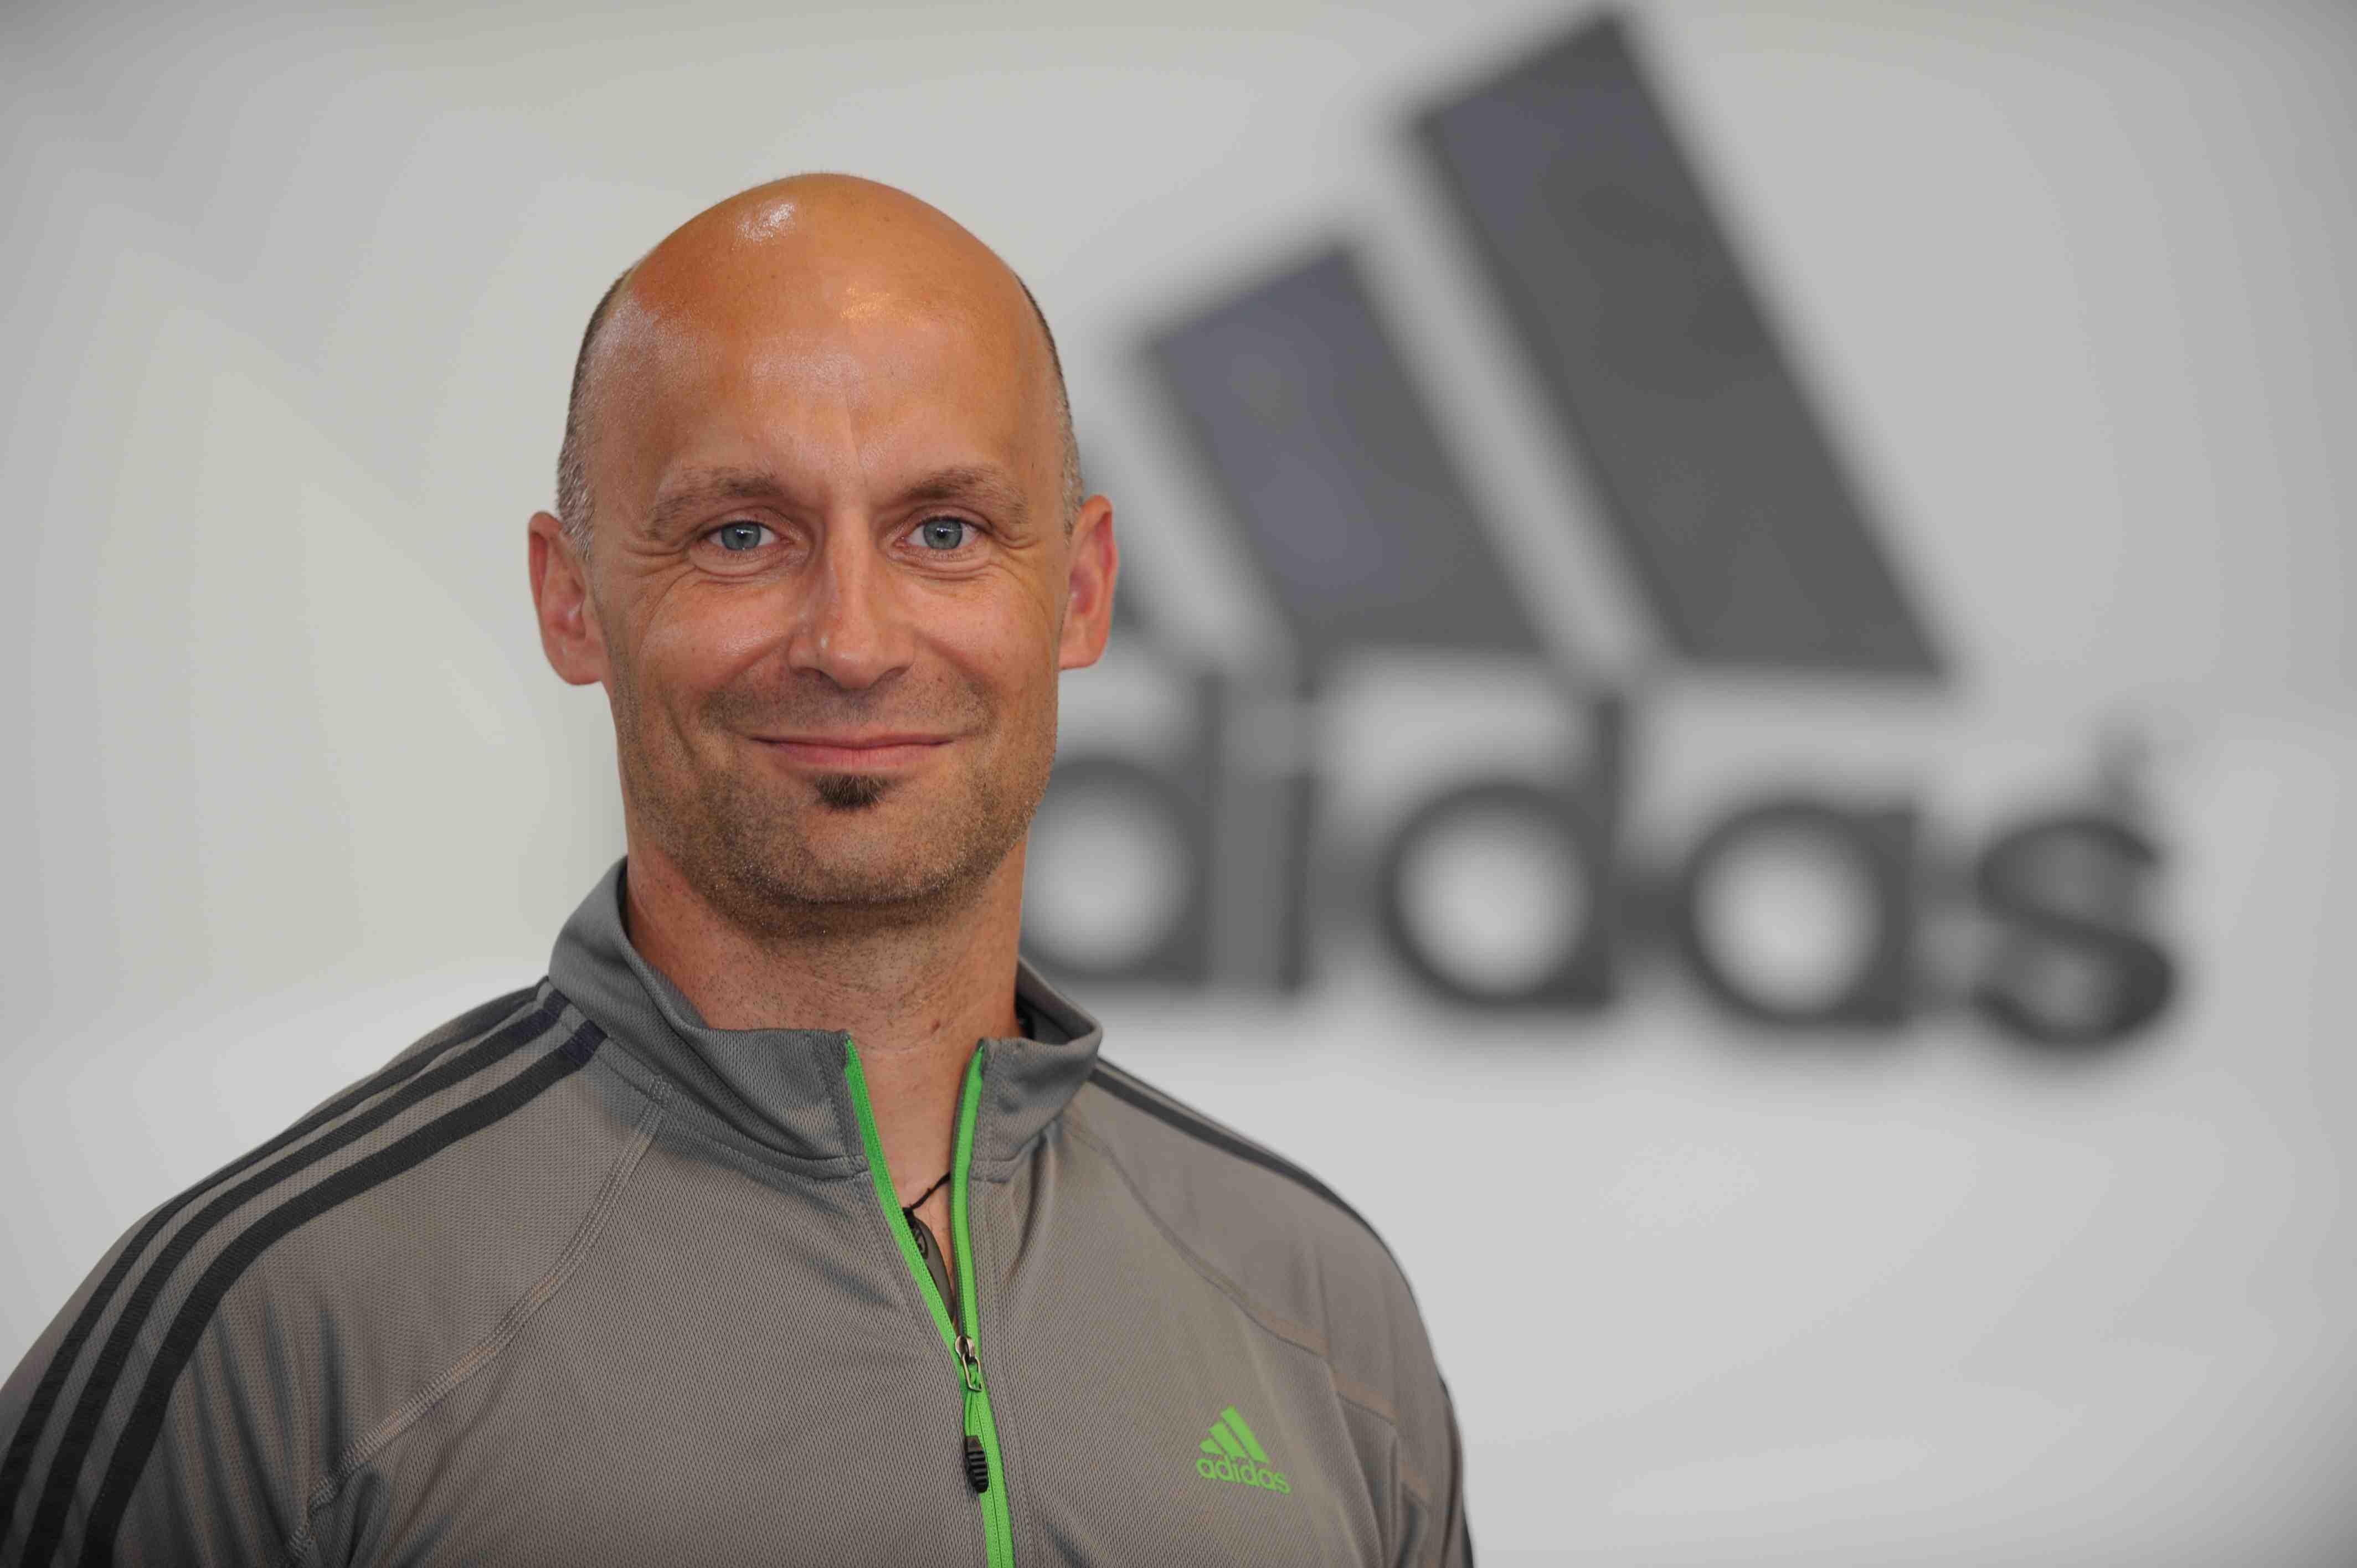 """Marc Fischer, Head of Outdoor bei adidas: """"Wenn eine Jacke im Himalaya dicht hält und wärmt, dann wird sie das auch auf dem Kinderspielplatz tun."""" Foto: (c) adidas AG"""